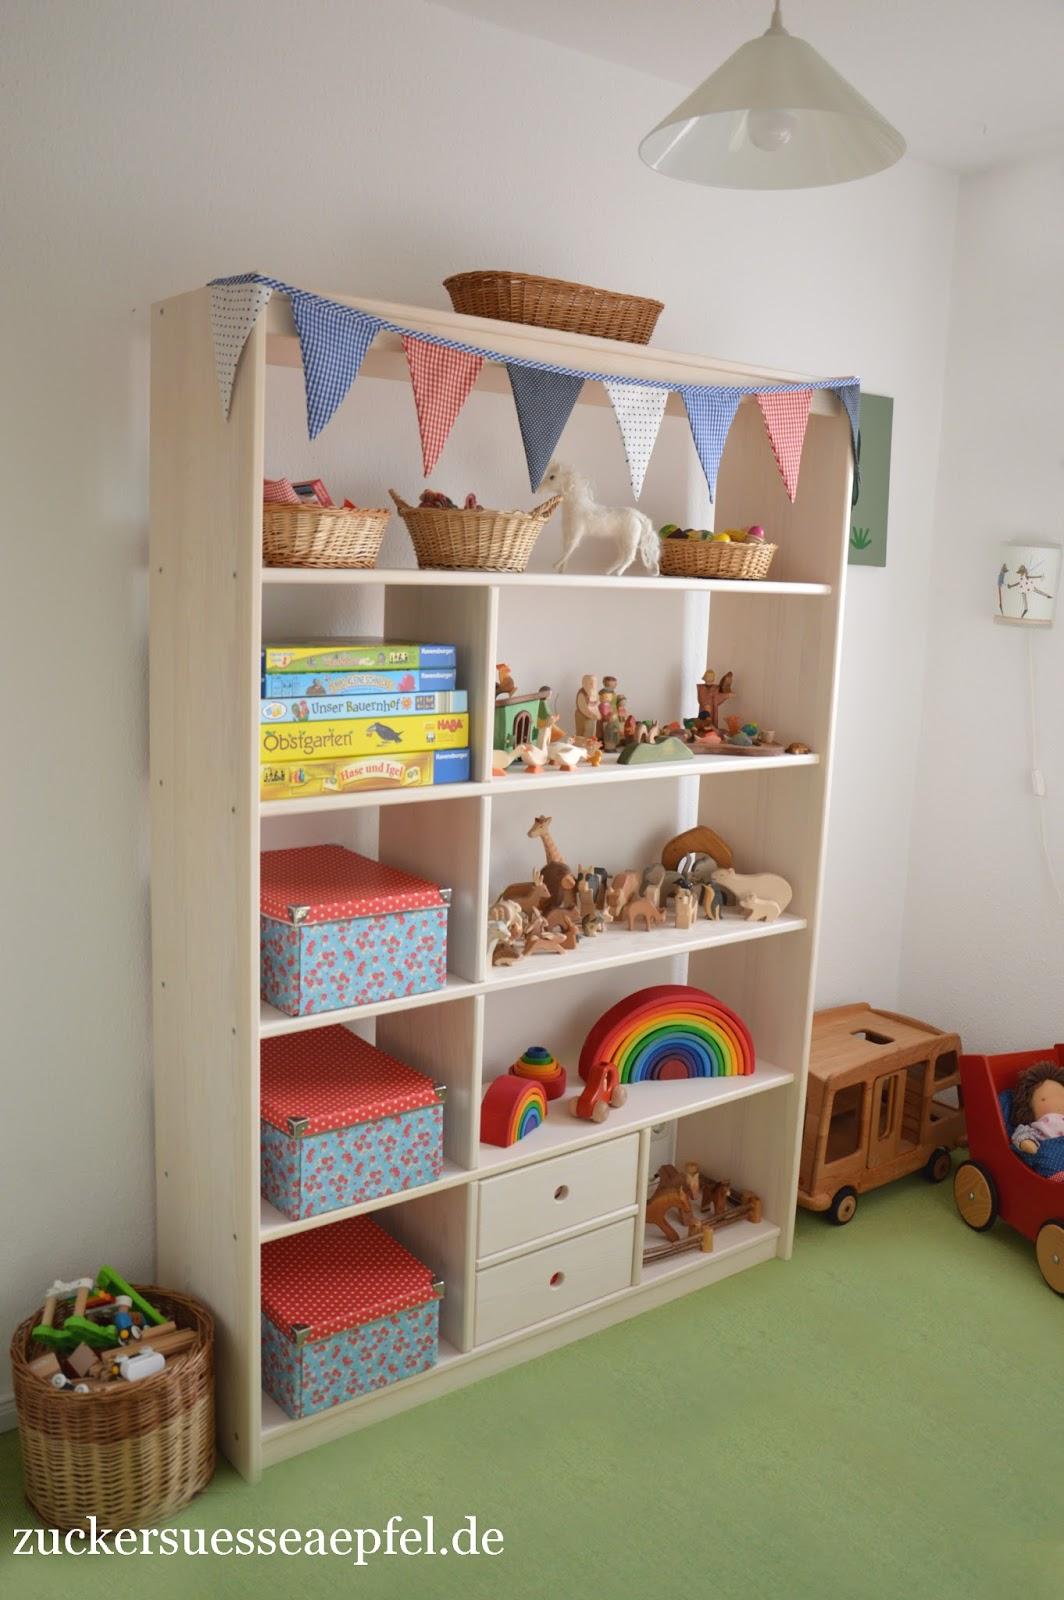 Endlich mehr ordnung im kinderzimmer zuckers e pfel kreativer familienblog - Ordnung kinderzimmer ...